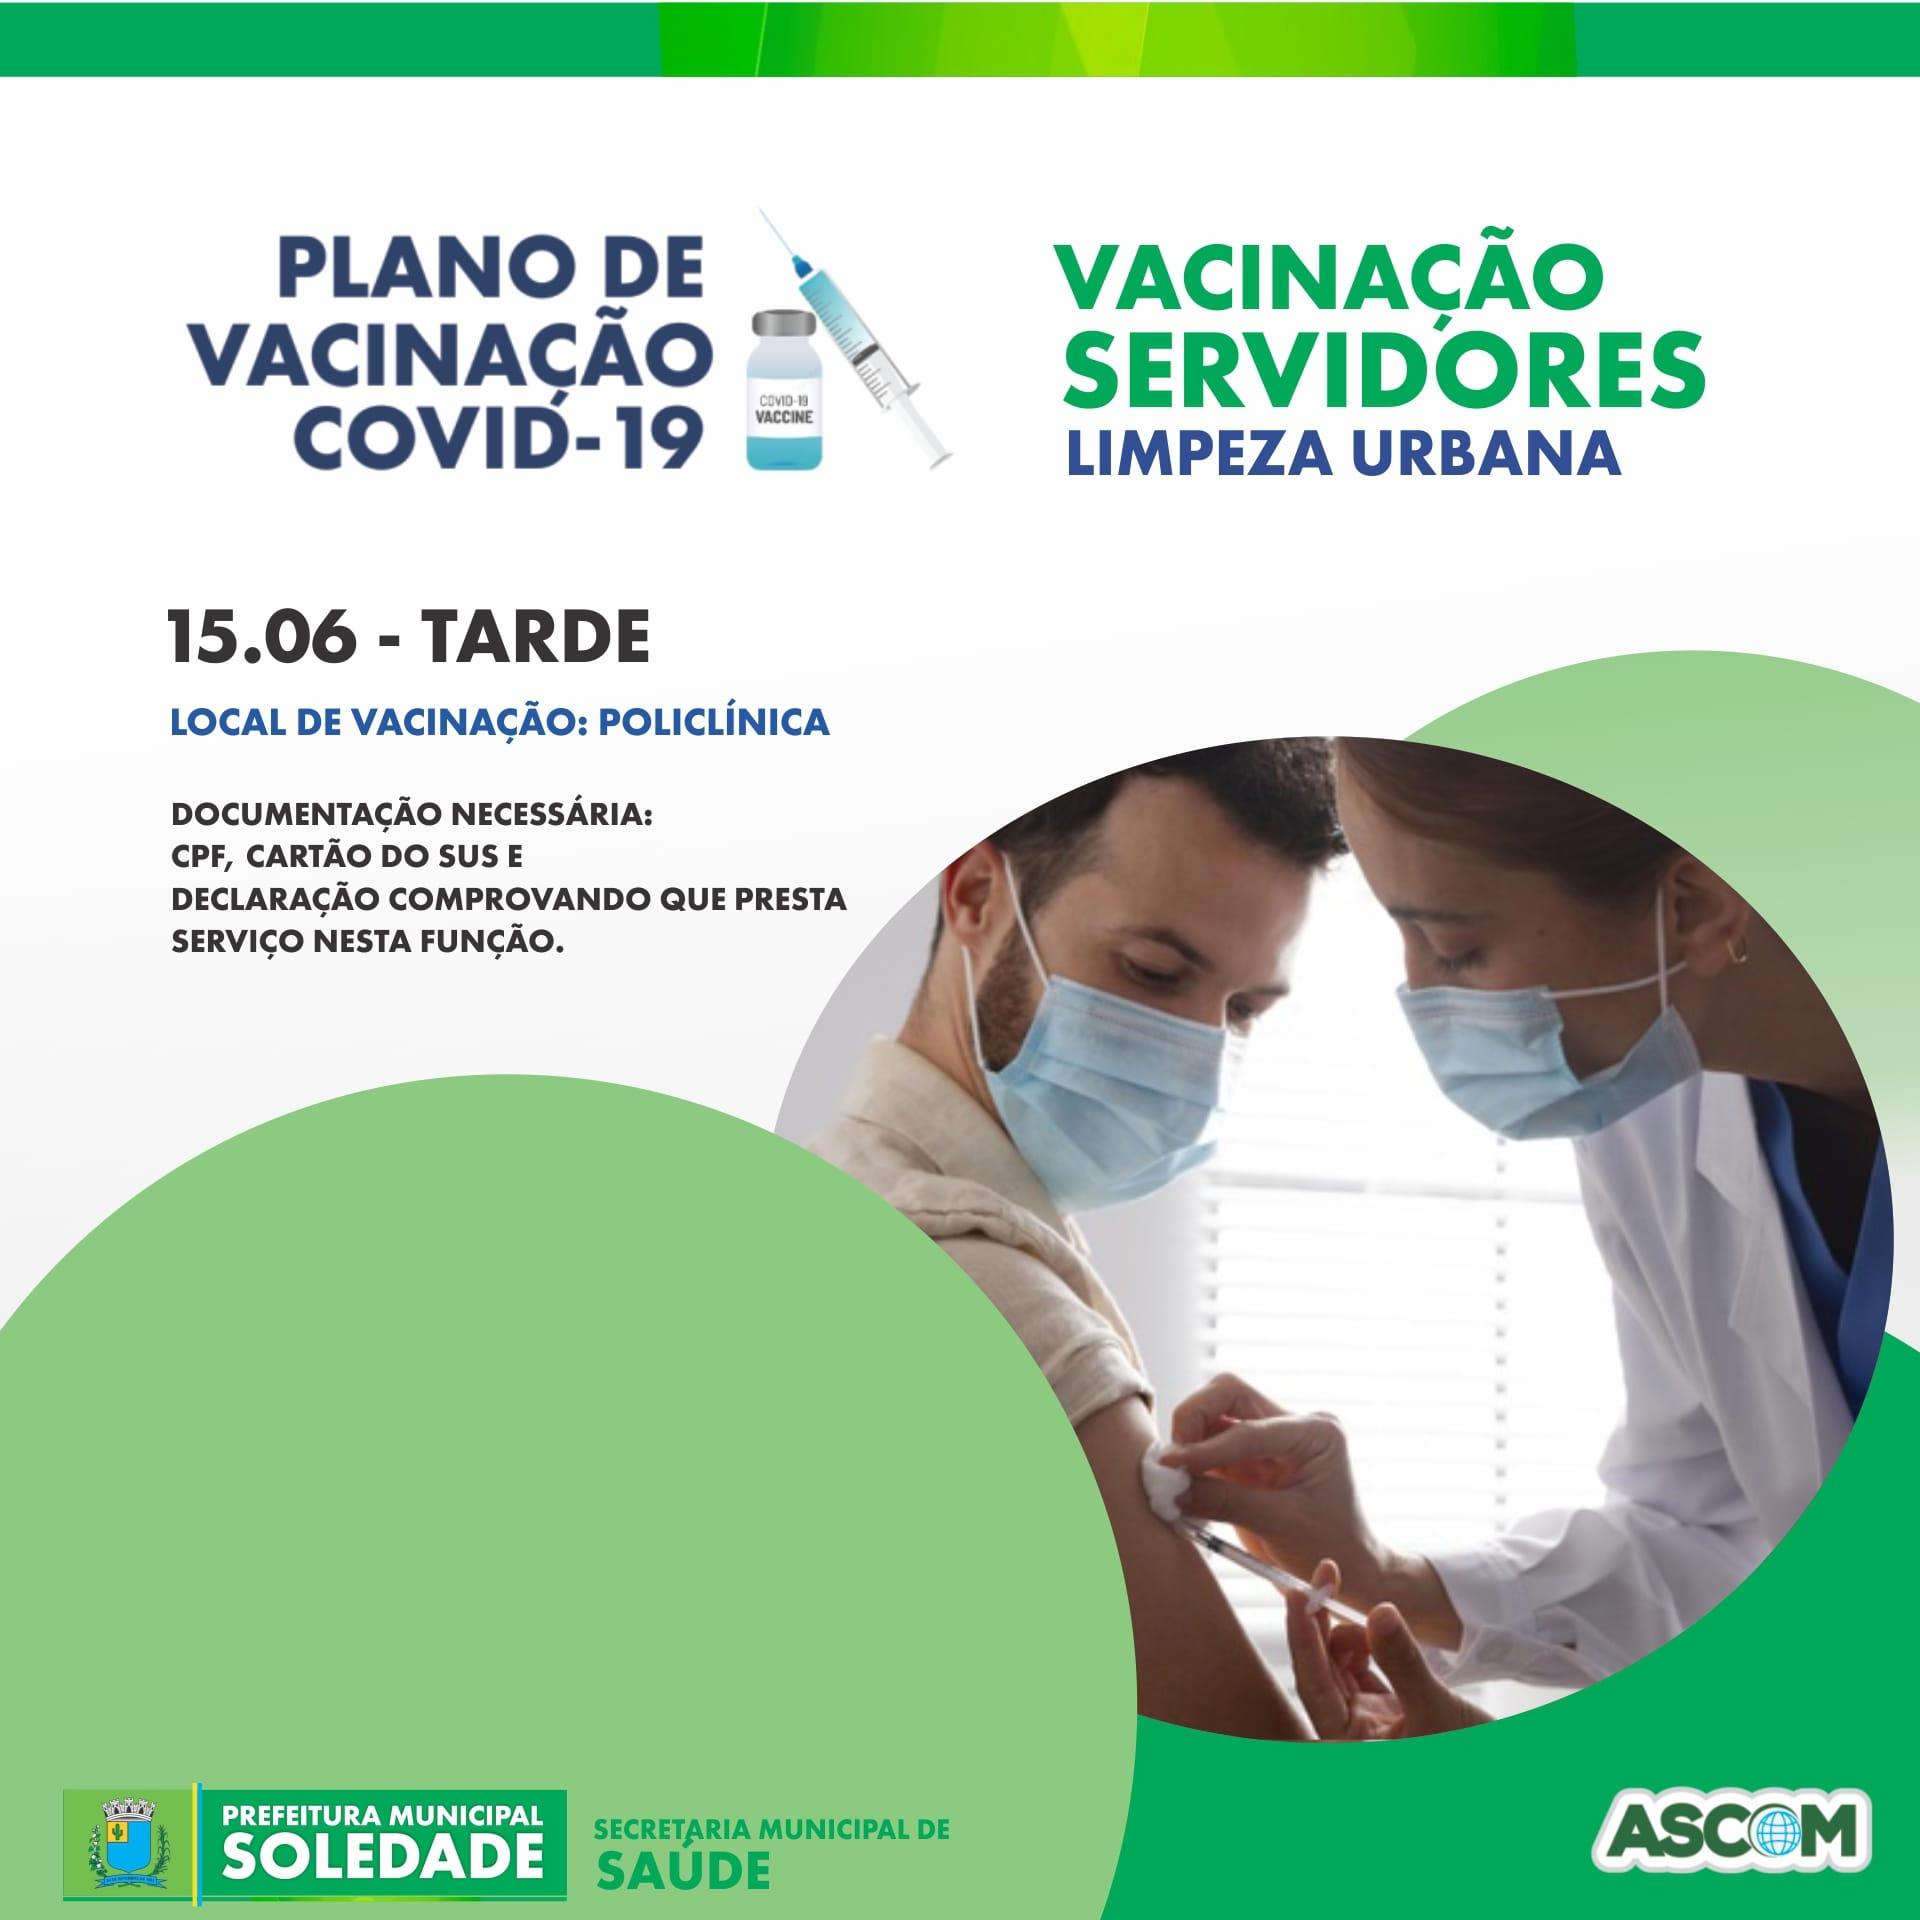 Servidores da Limpeza Urbana serão vacinados nesta terça-feira dia 15